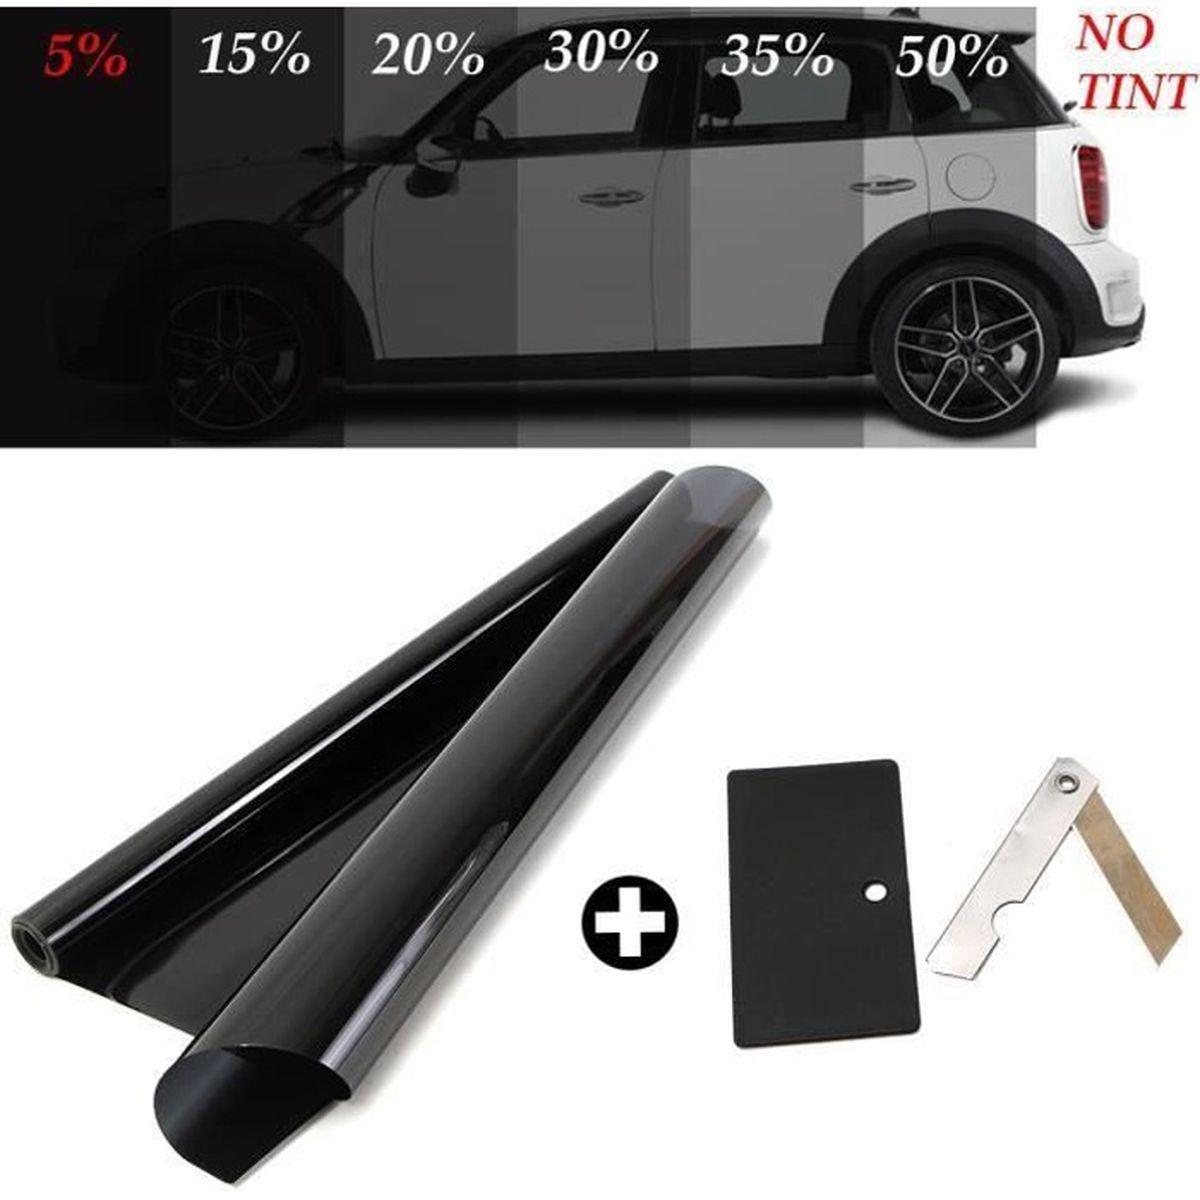 Protections solaire pour vitre arri/ère et vitre lat/érale Kit de protections solaire pour voiture Noir 5 pcs